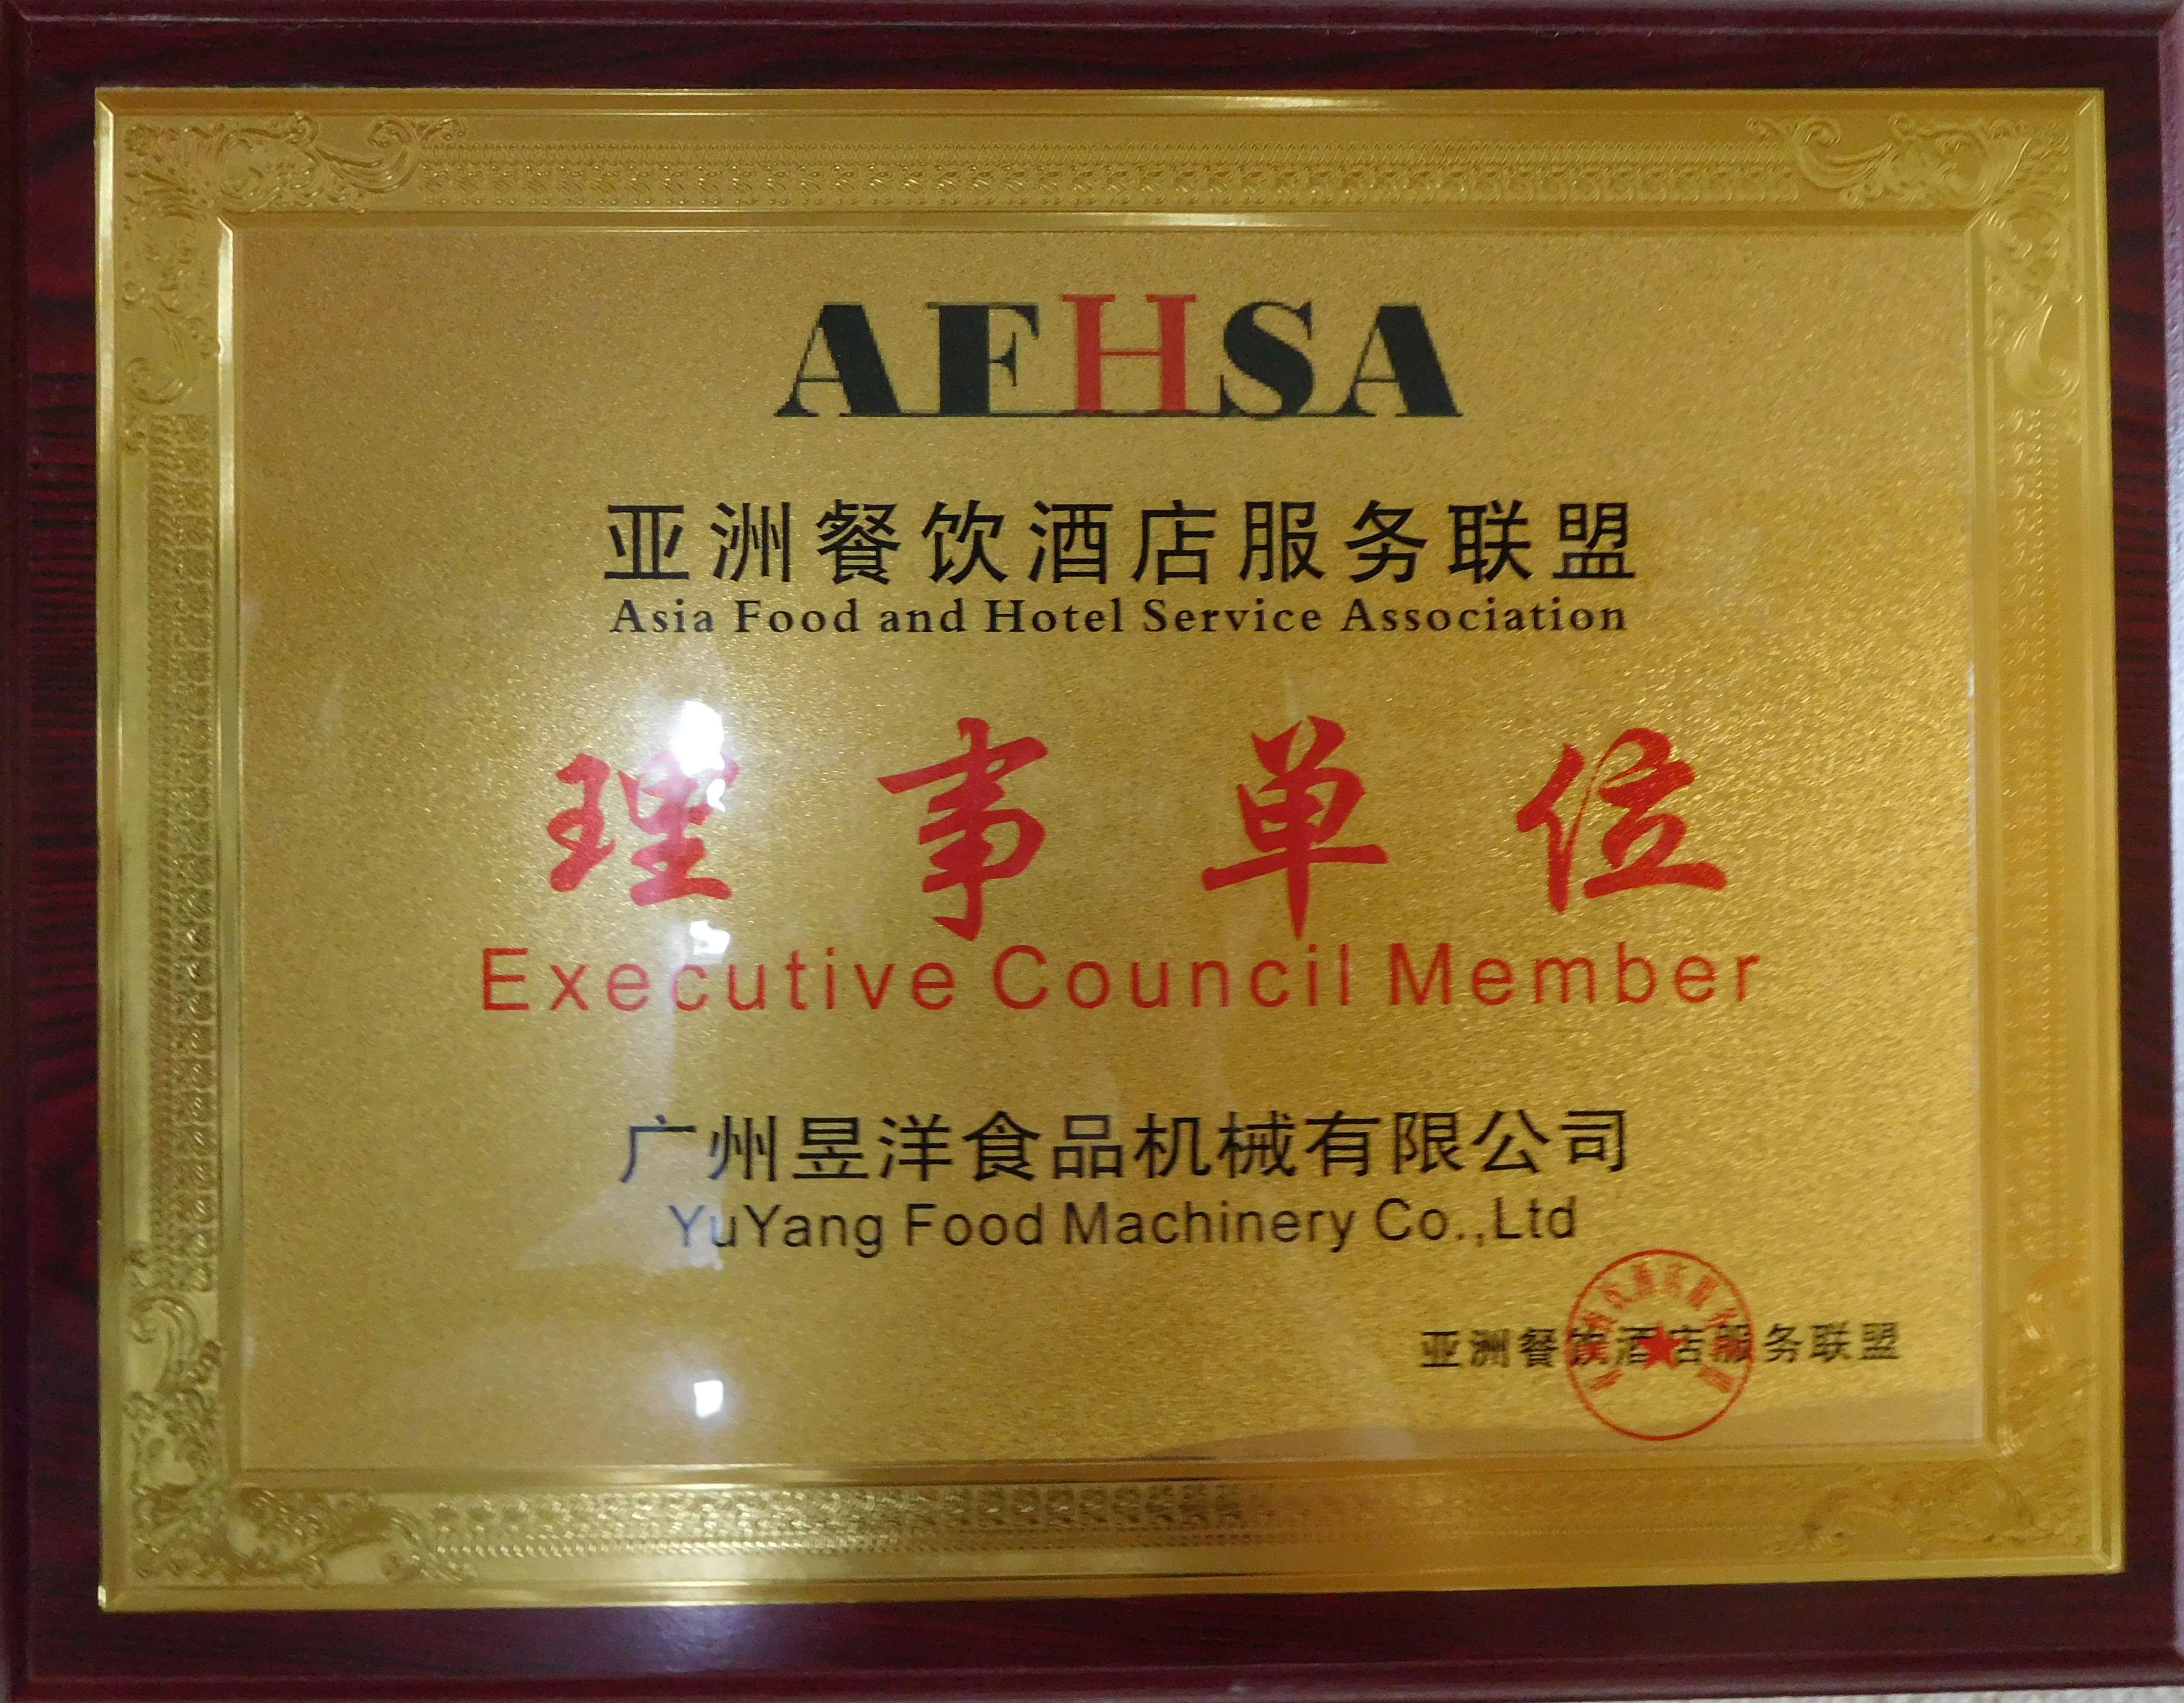 AFHSA亚洲餐饮酒店服务联盟理事单位